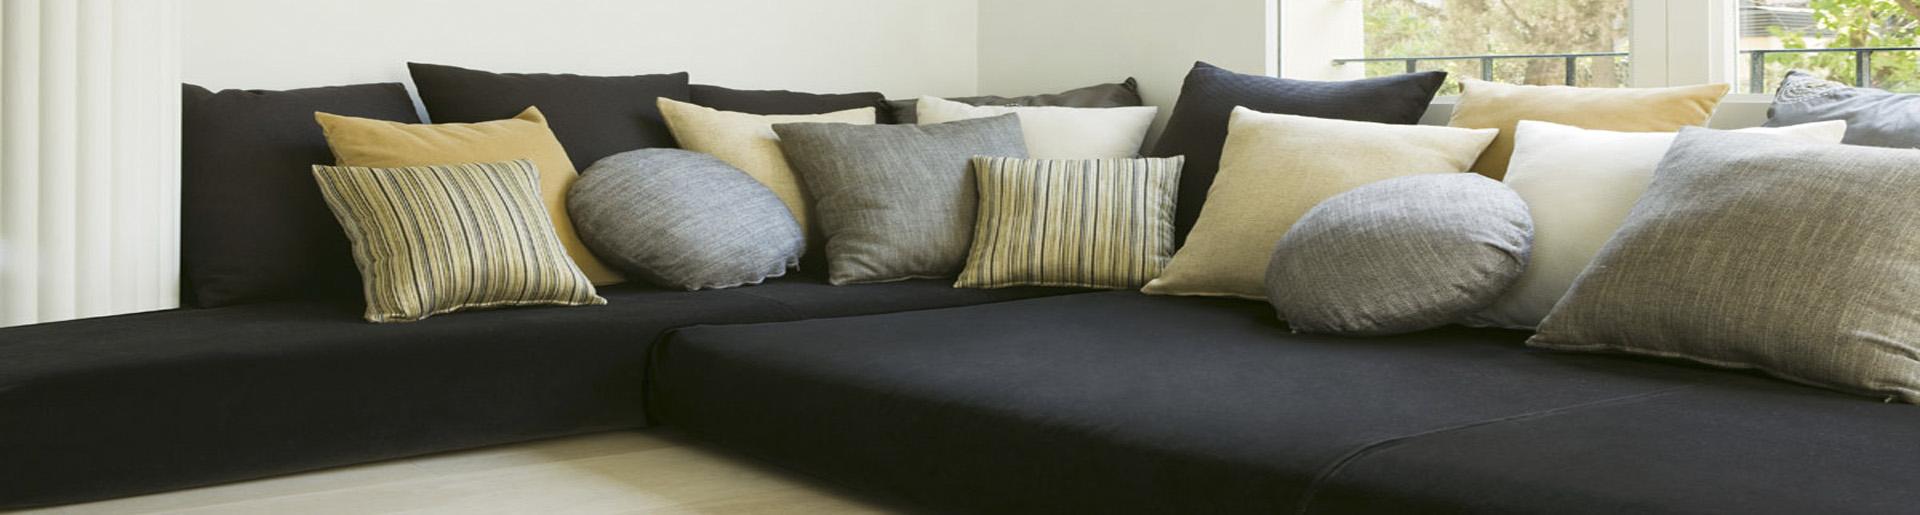 Decorar sofa Con Cojines E9dx No Sà Cuà L Elegir 5 Consejos sobre Los Cojines Para sofà S Enzo Lanzi